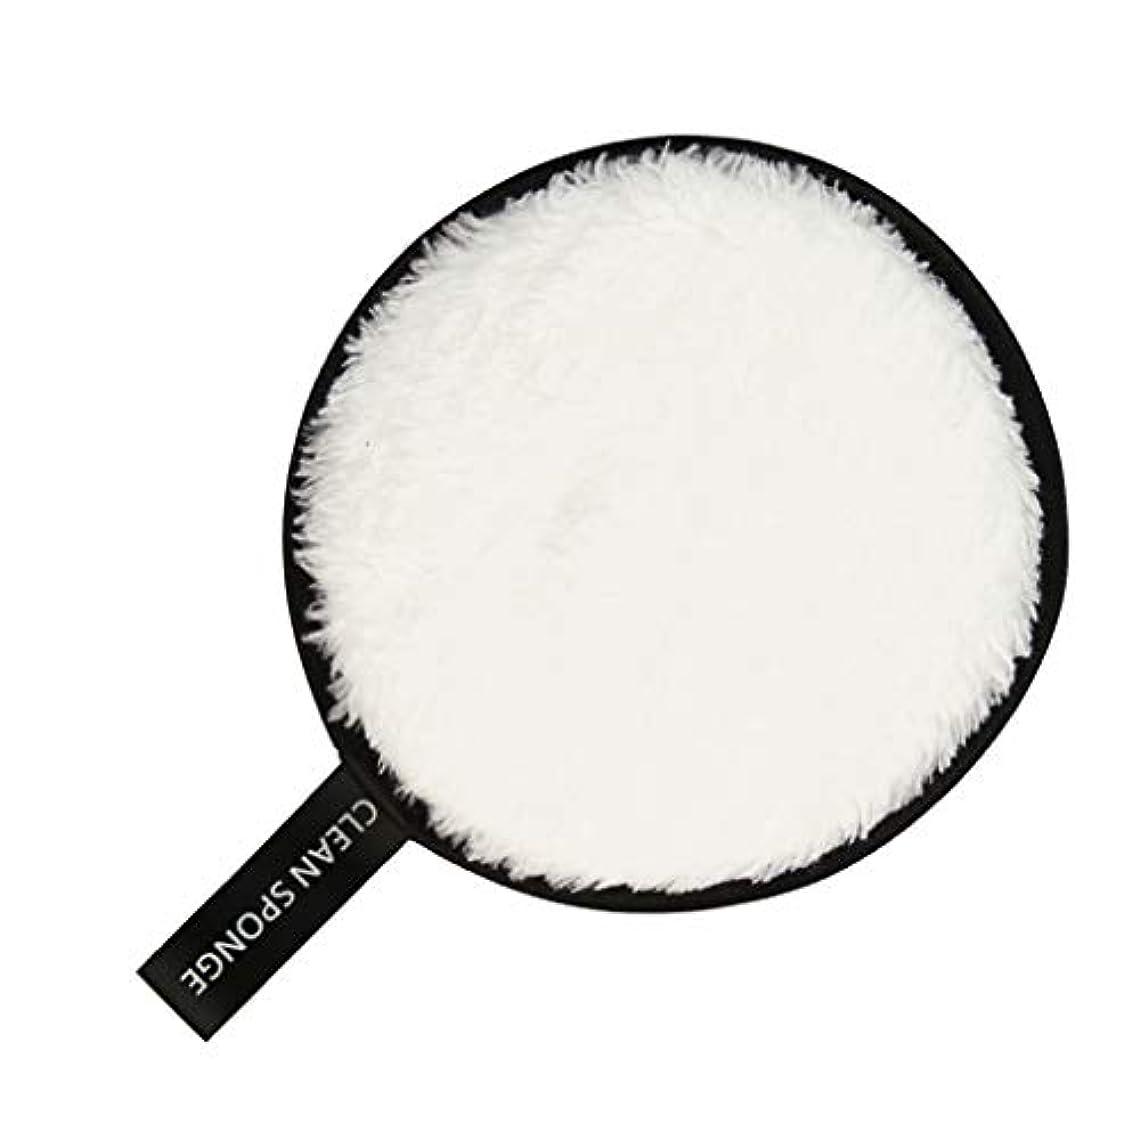 重要な役割を果たす、中心的な手段となる晴れ高原CUTICATE 洗顔スポンジ パフ フェイススポンジ 洗顔パフ 全6色 - 白